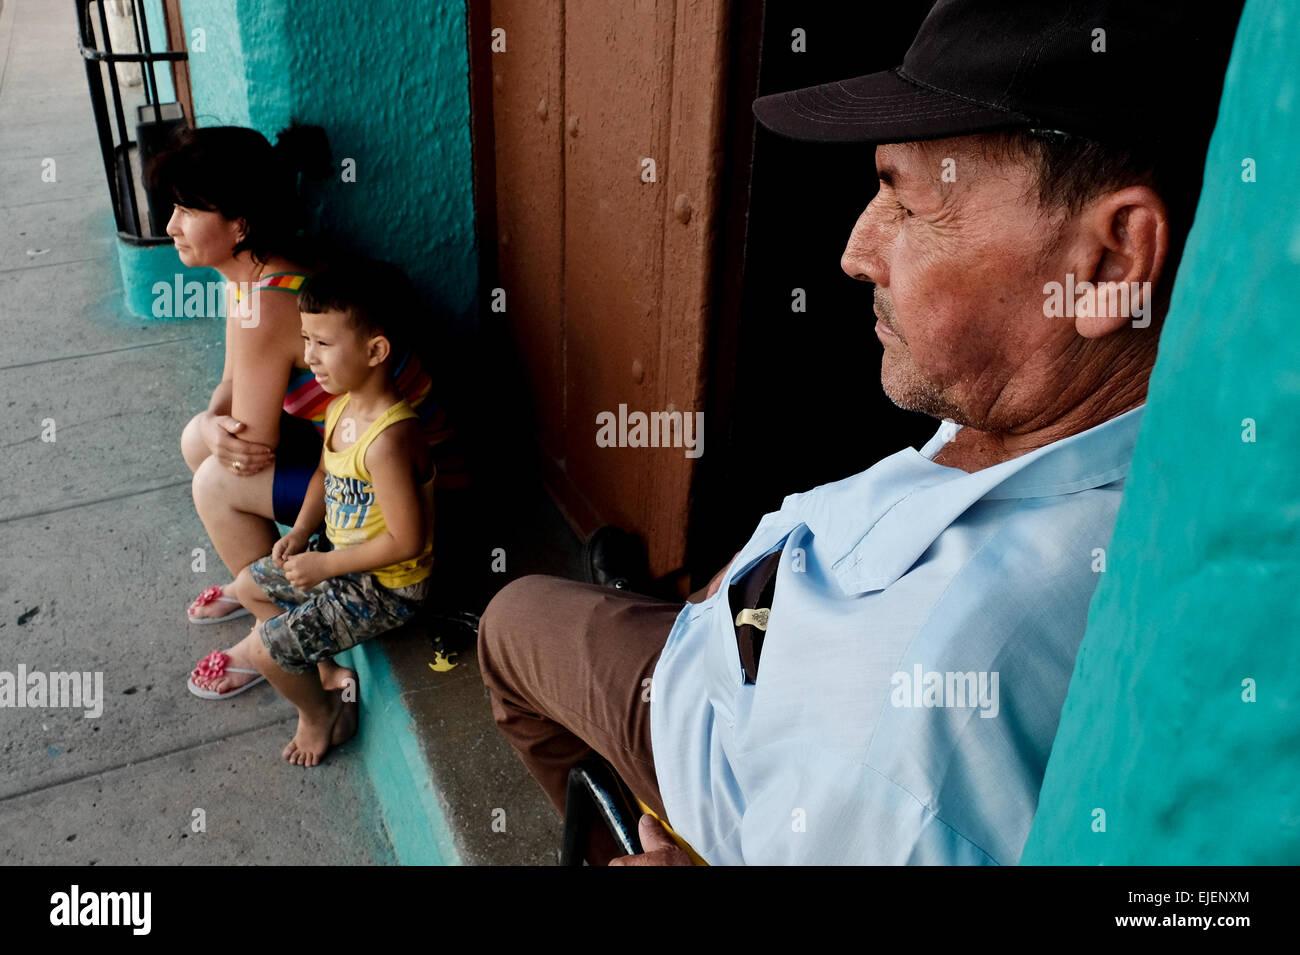 Ein Mann wacht über seine Familie vor der Haustür zu ihrem Haus in der 500 Jahre alten Stadt Sancti Spíritus, Kuba. Stockfoto